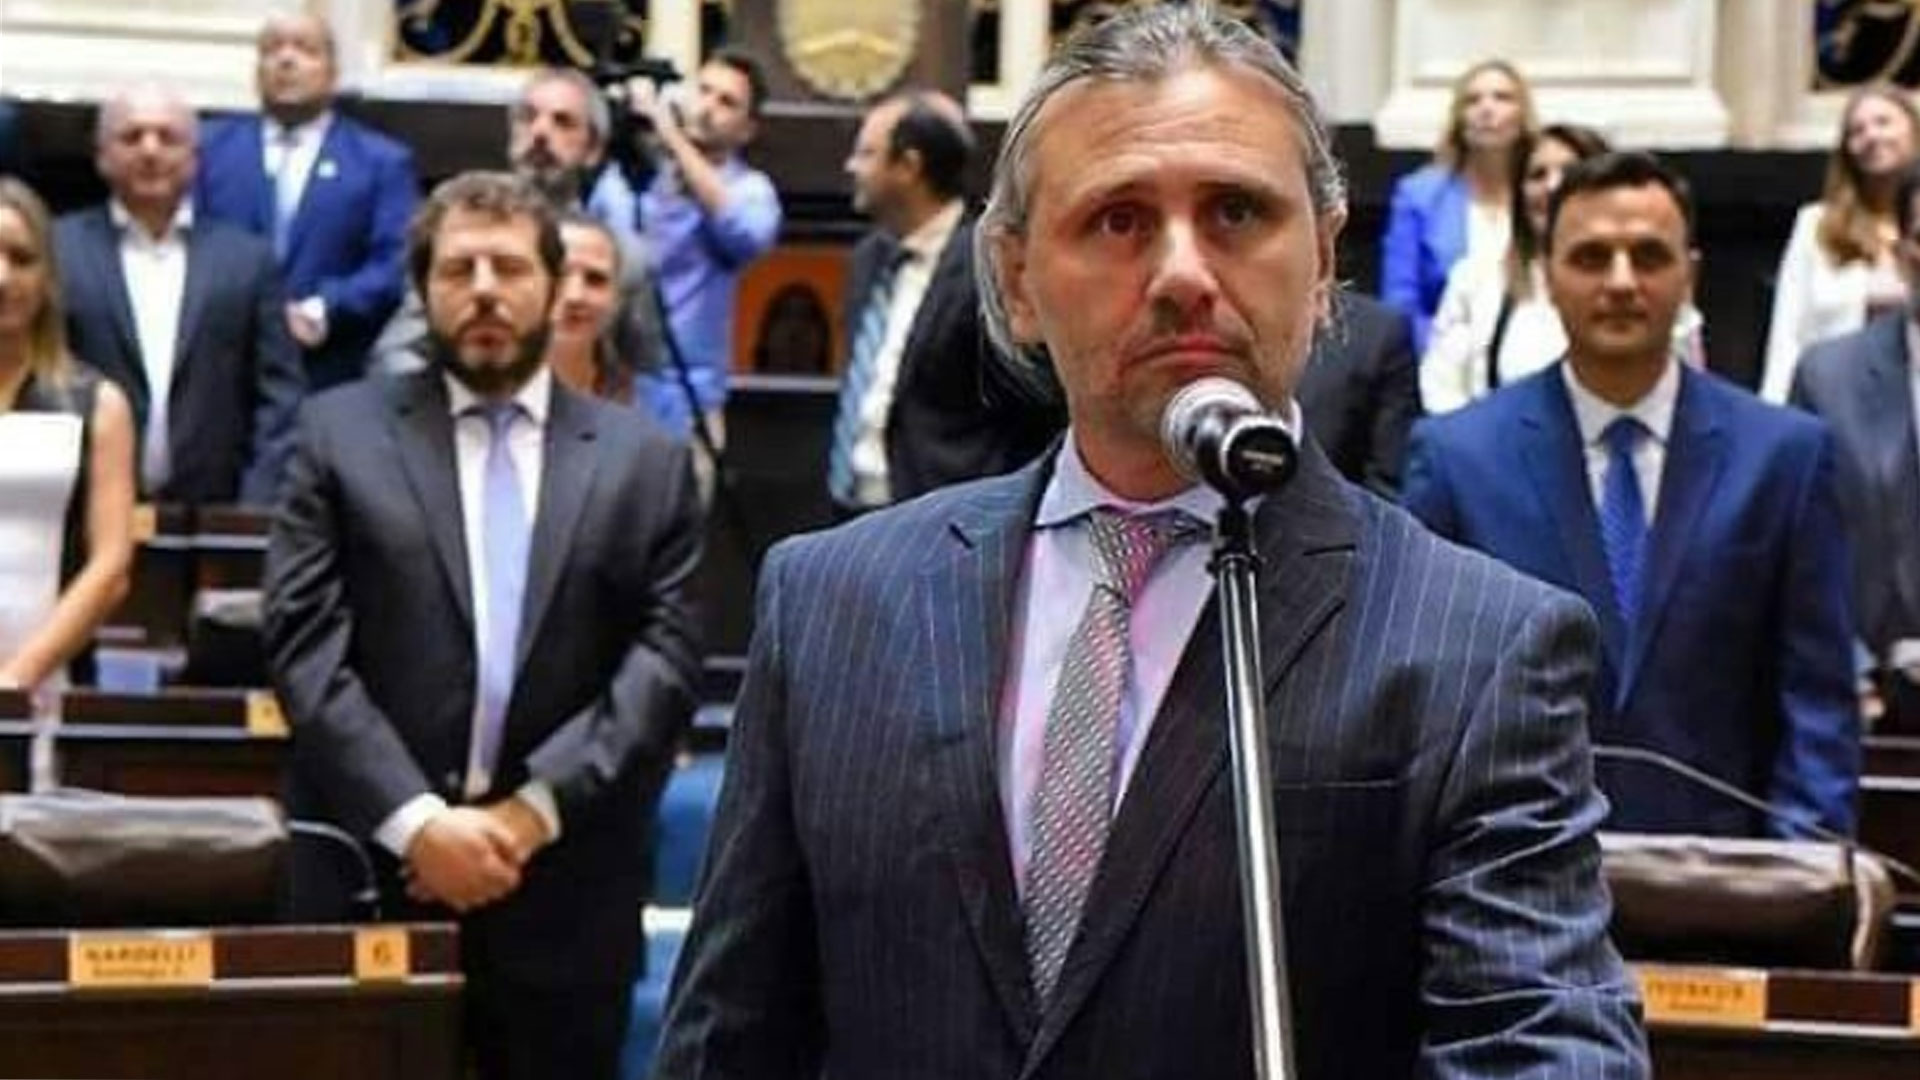 ¿Por qué Macri siendo un nene bien vino a jugar con nosotros?», se preguntó Di Palma